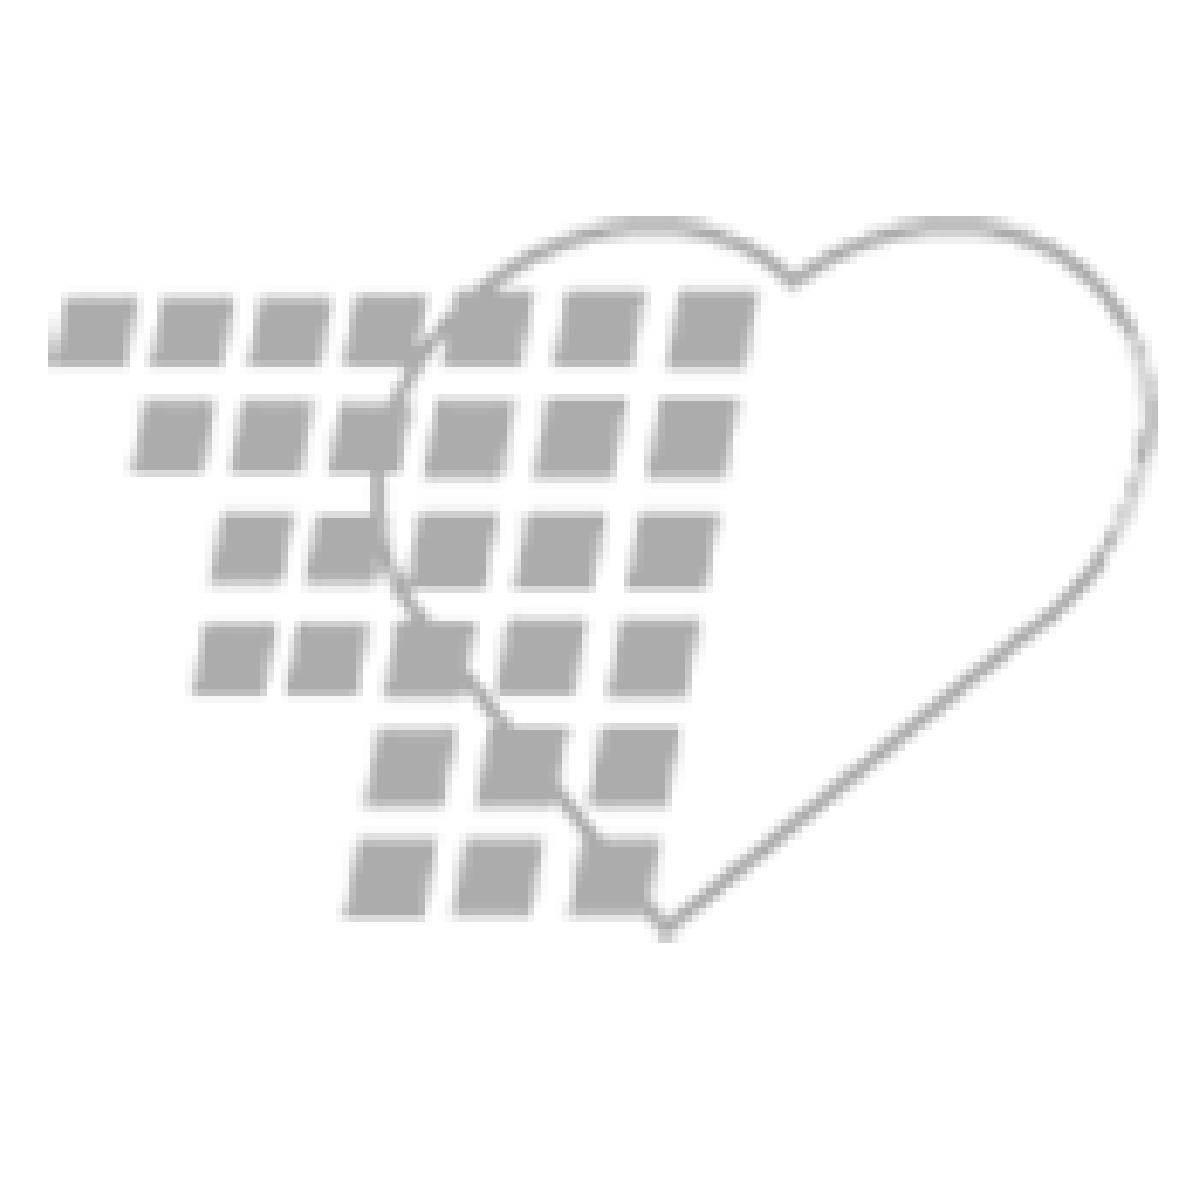 11-99-1006 Nasco Replacement Blood Pressure Cuff